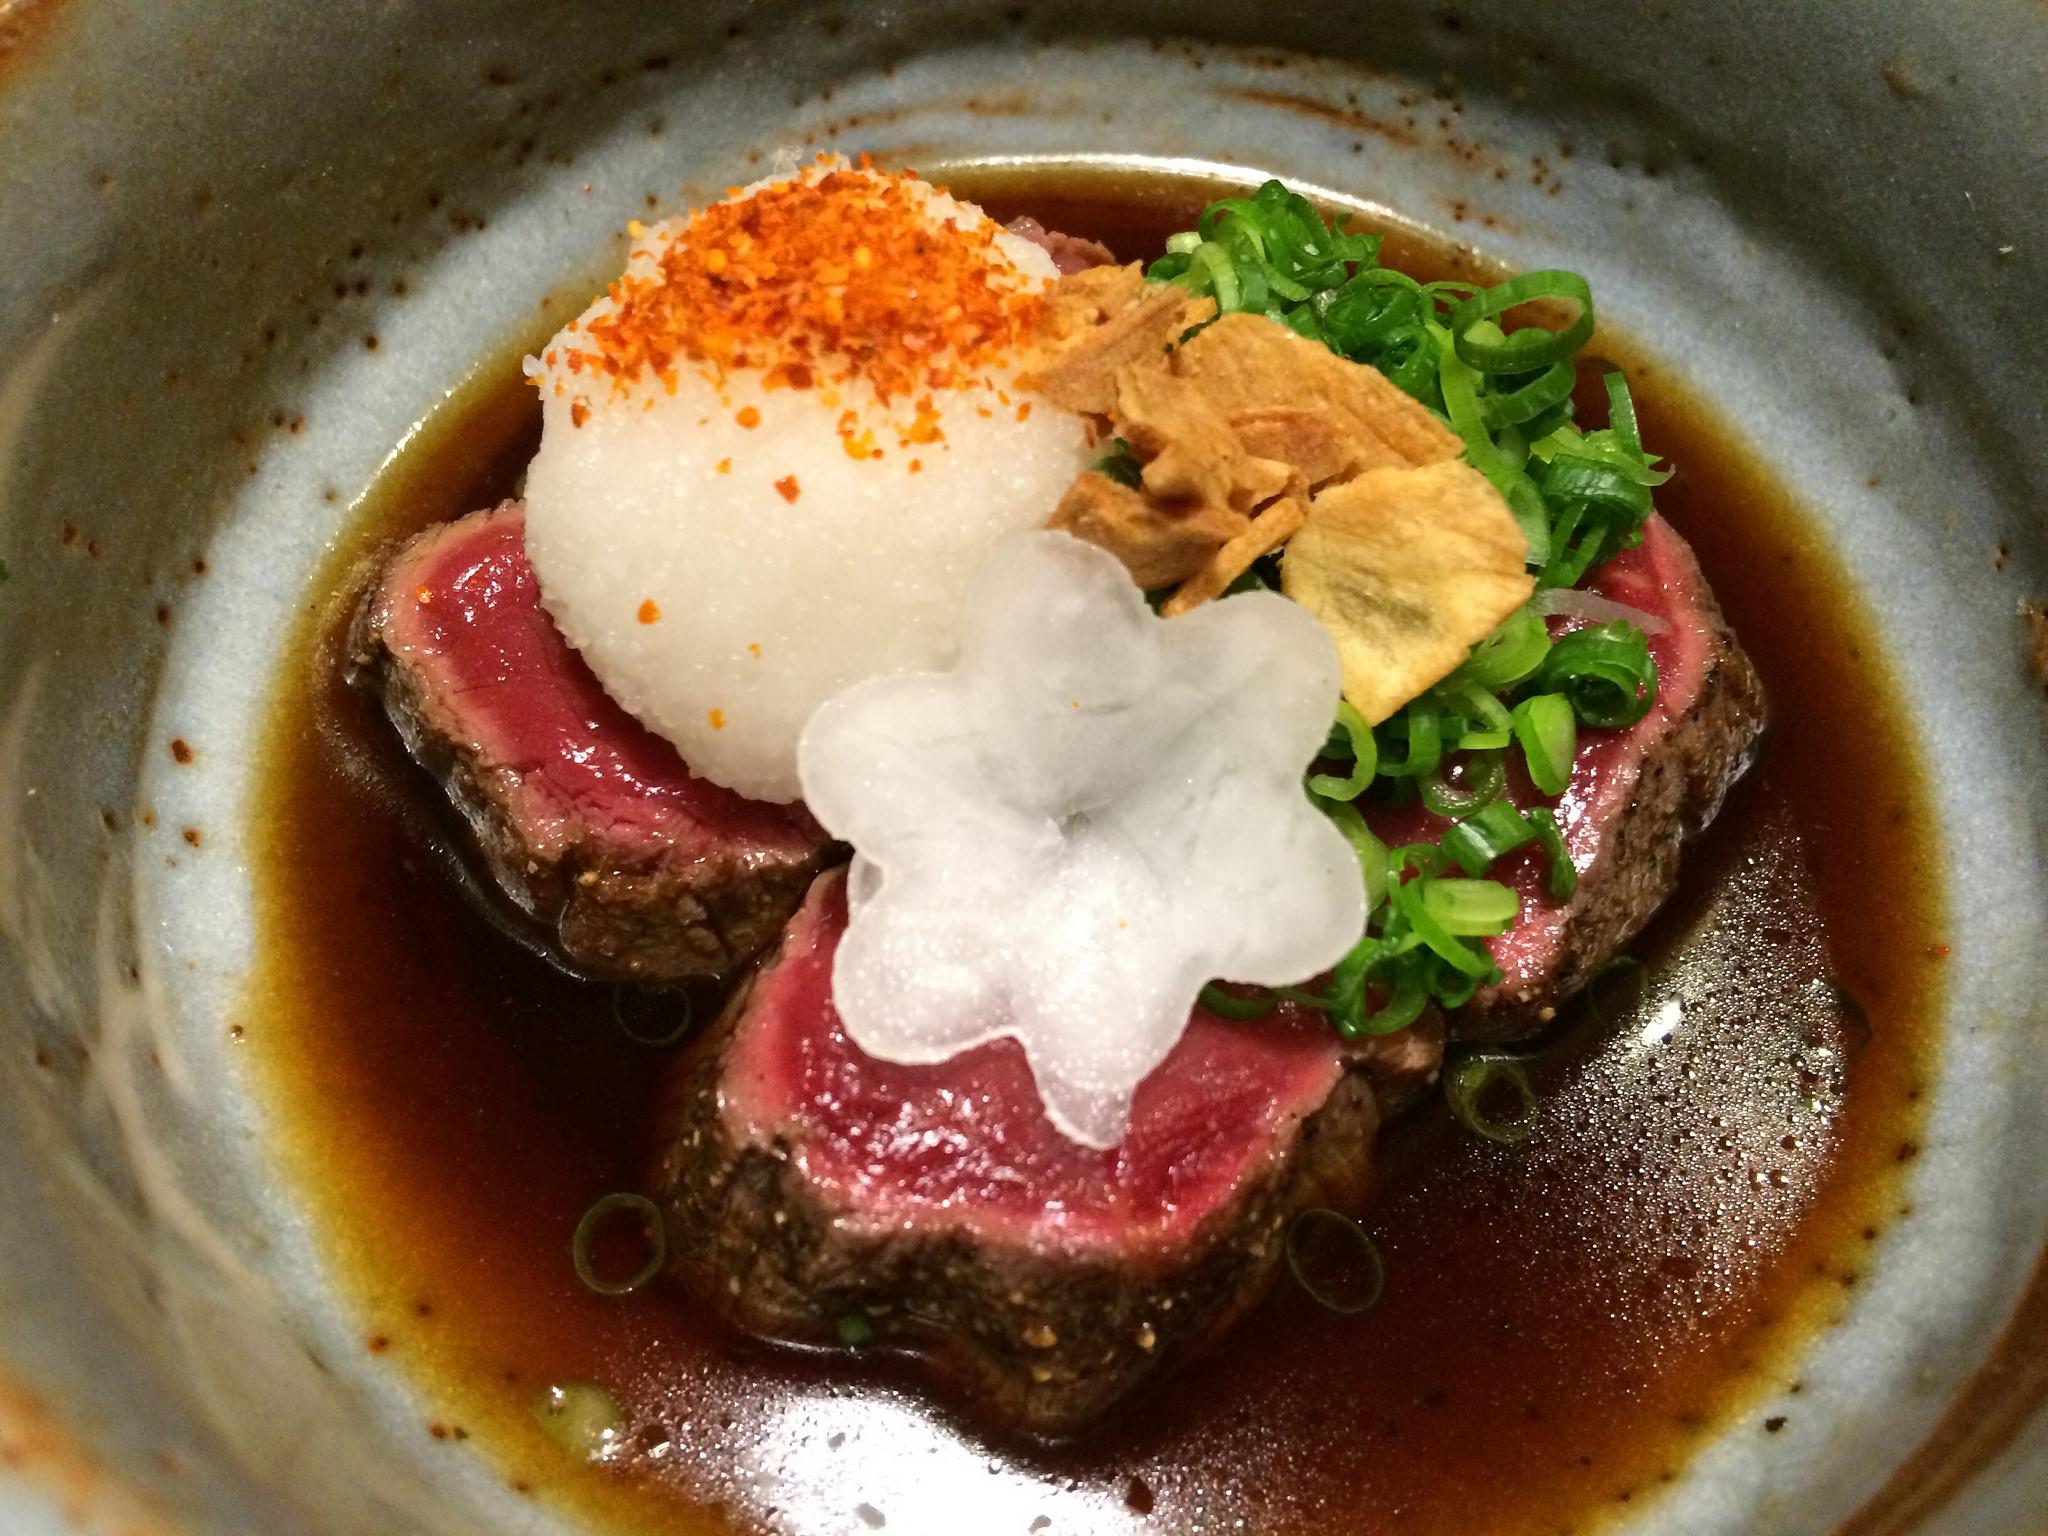 普通の居酒屋と思いきや、落ちついた和個室で厚切りの馬肉と日本酒が楽しめる良店!@あぶみ邸(五反田)